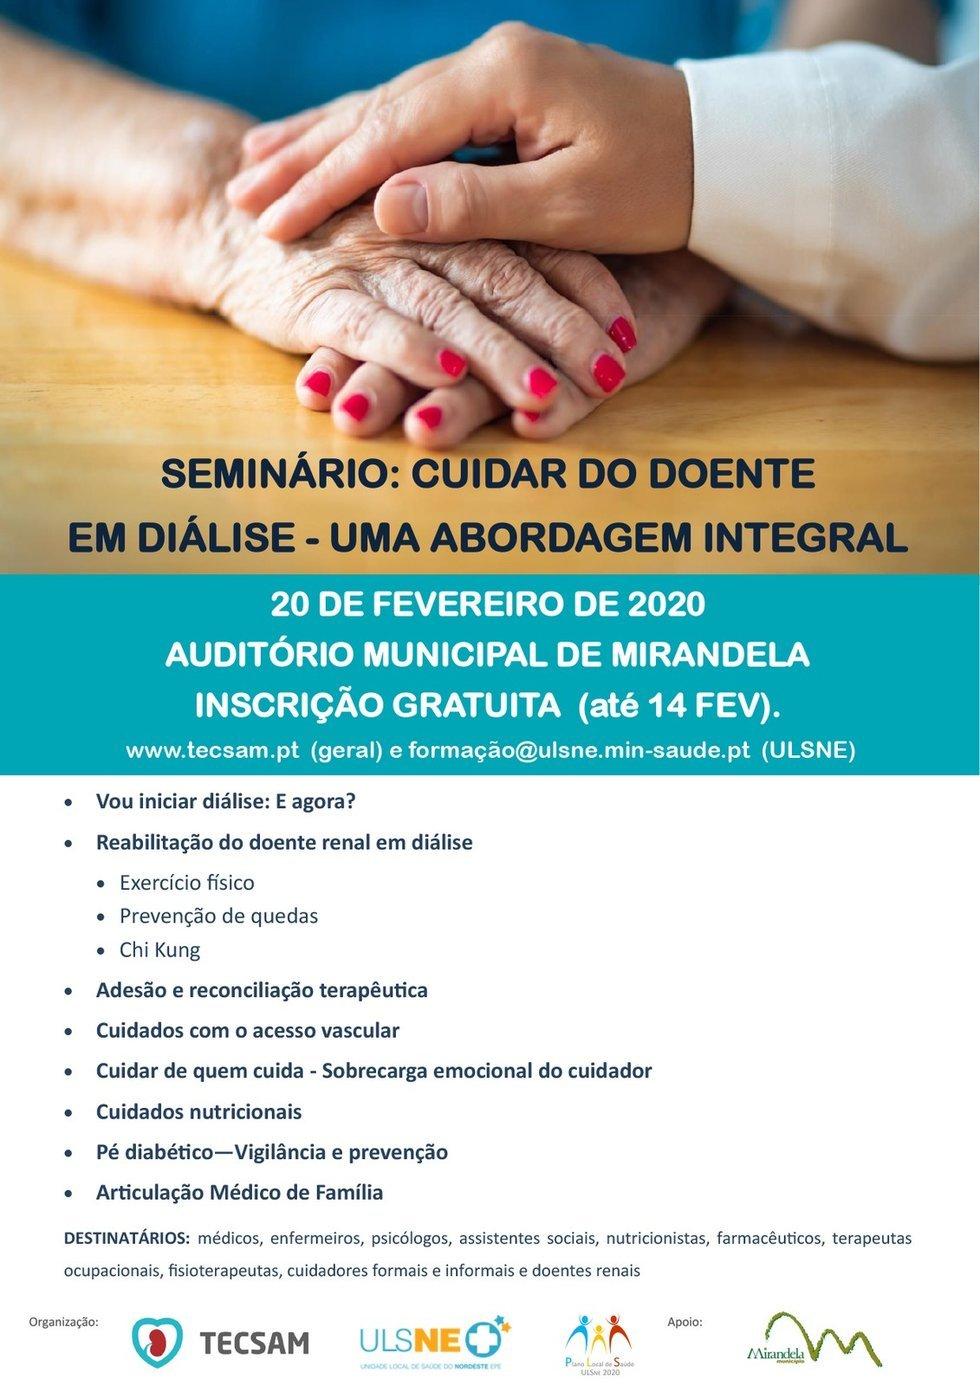 Seminário: Cuidar do Doente em Diálise